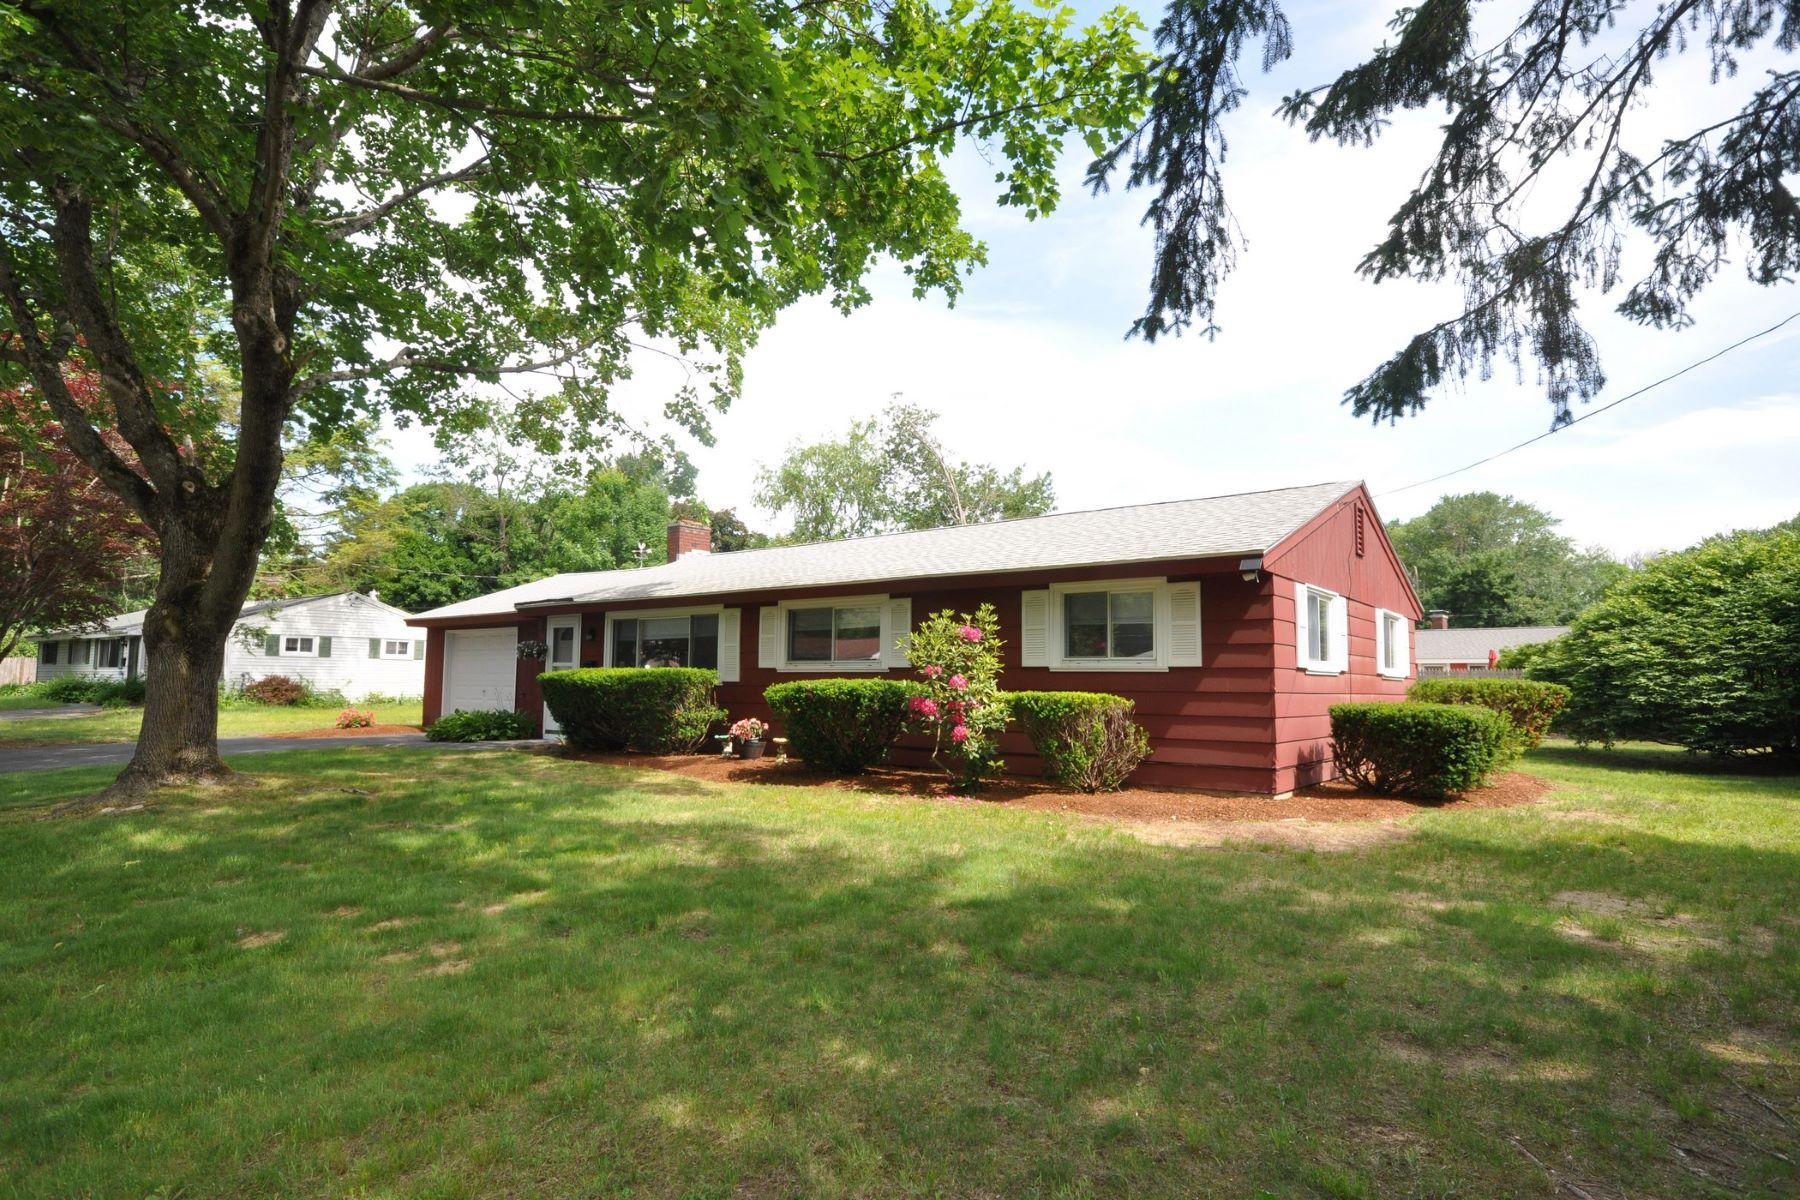 Single Family Homes for Sale at 3 Guyer Rd Maynard, Massachusetts 01754 United States